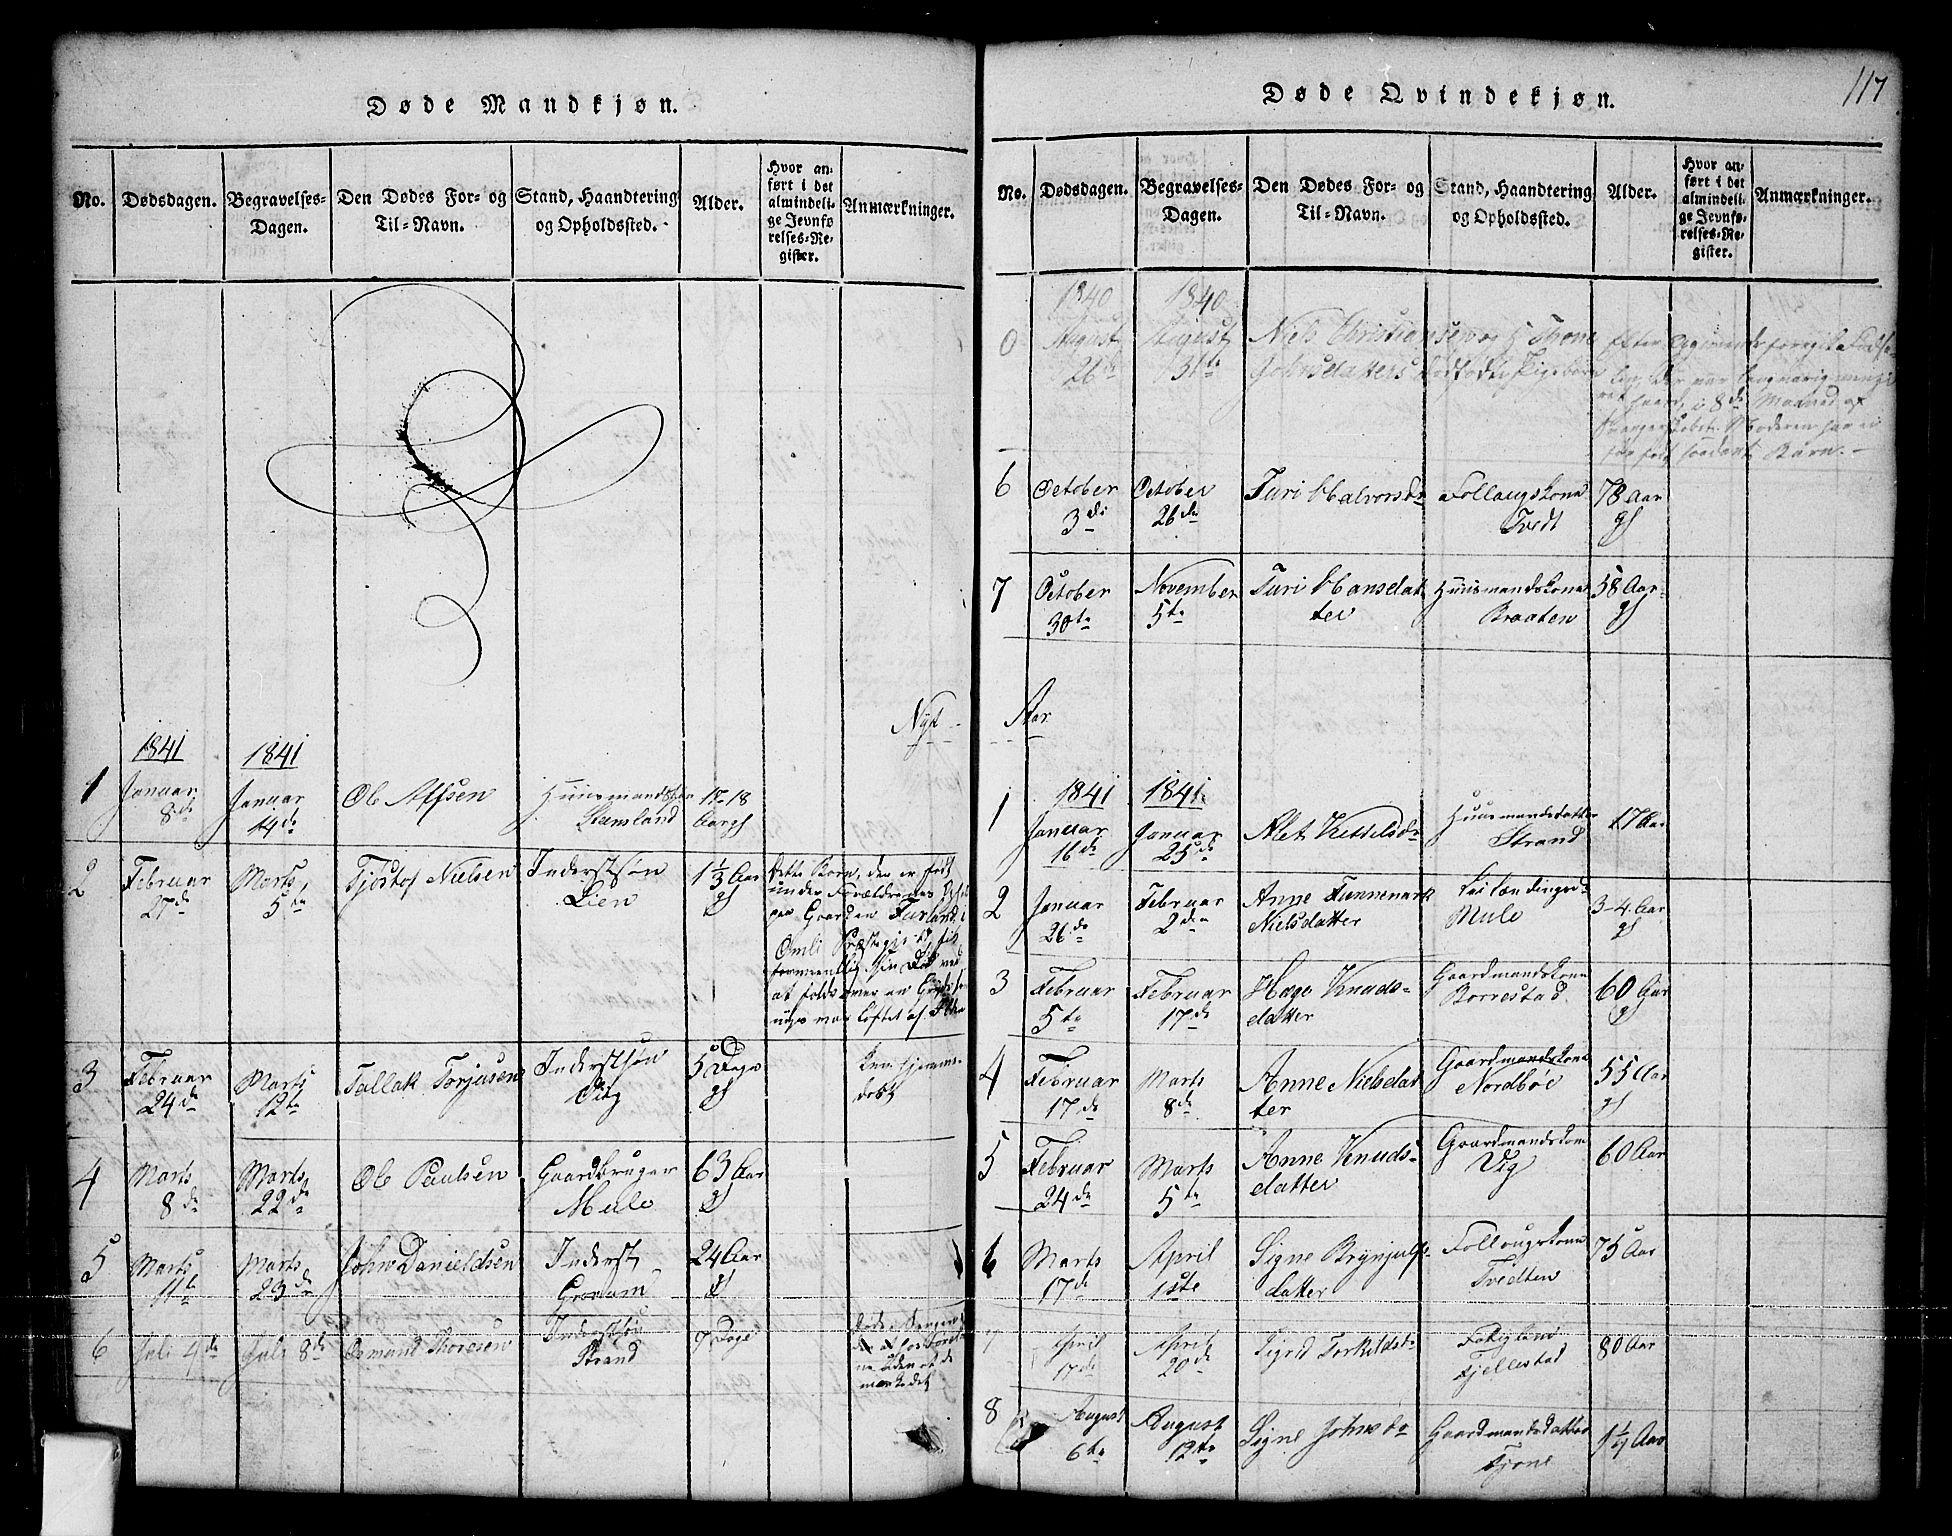 SAKO, Nissedal kirkebøker, G/Ga/L0001: Klokkerbok nr. I 1, 1814-1860, s. 117